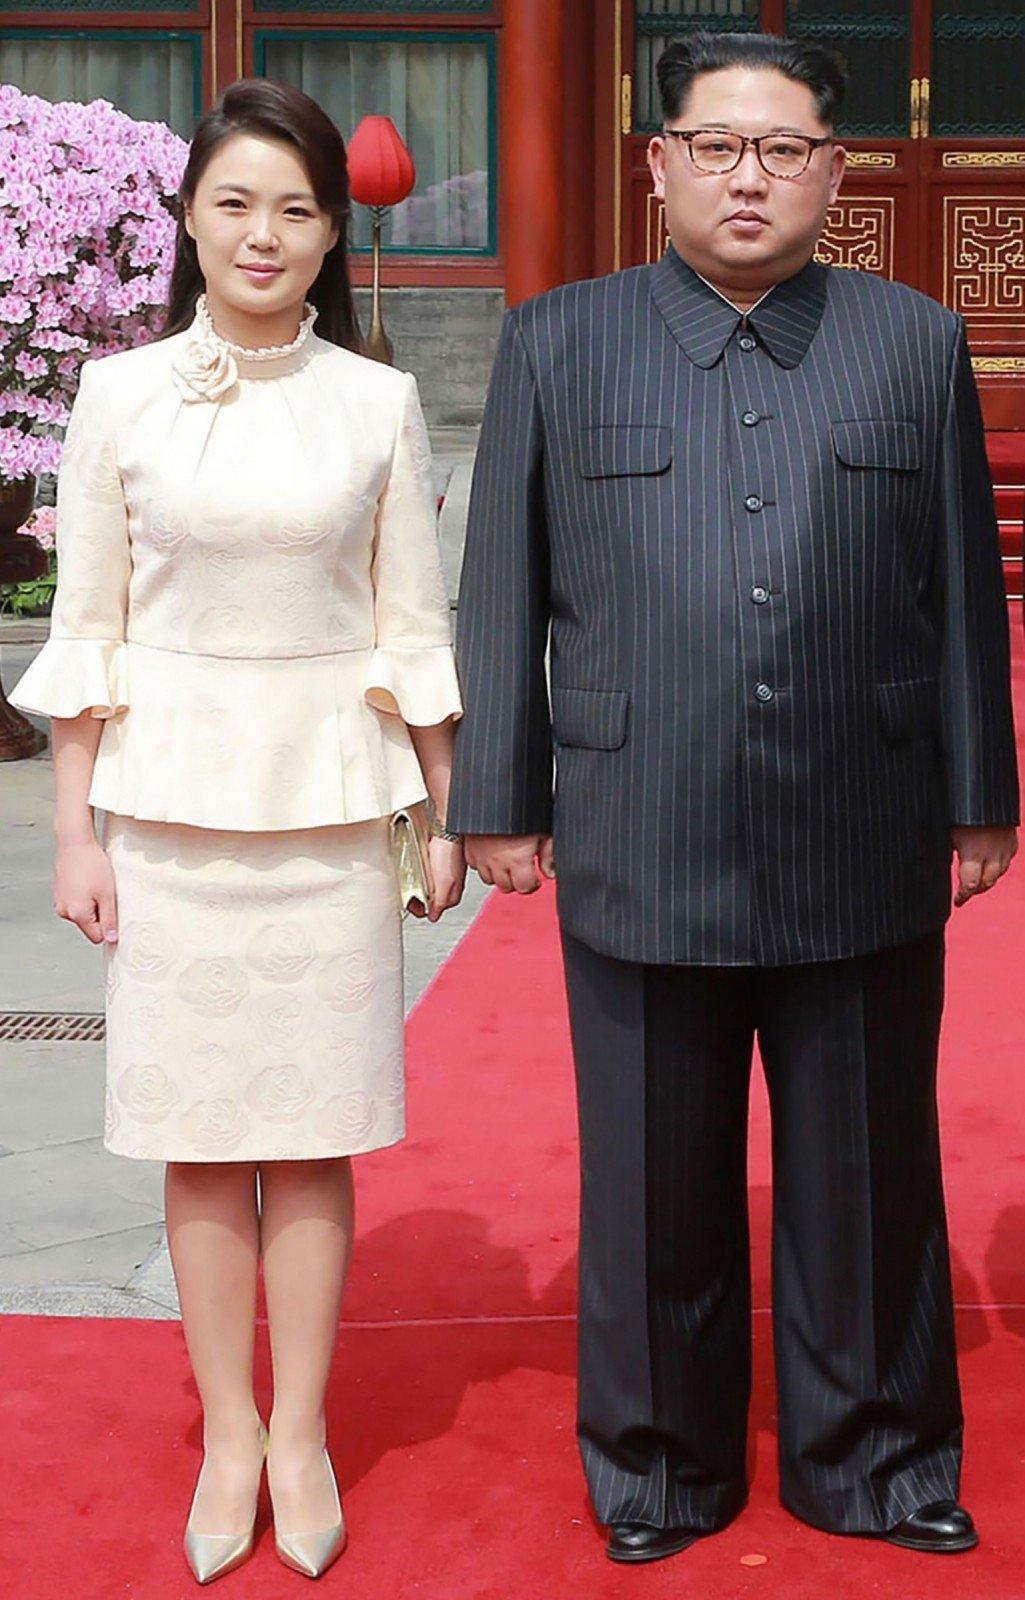 татарского днем супруга ким чен ына фото того